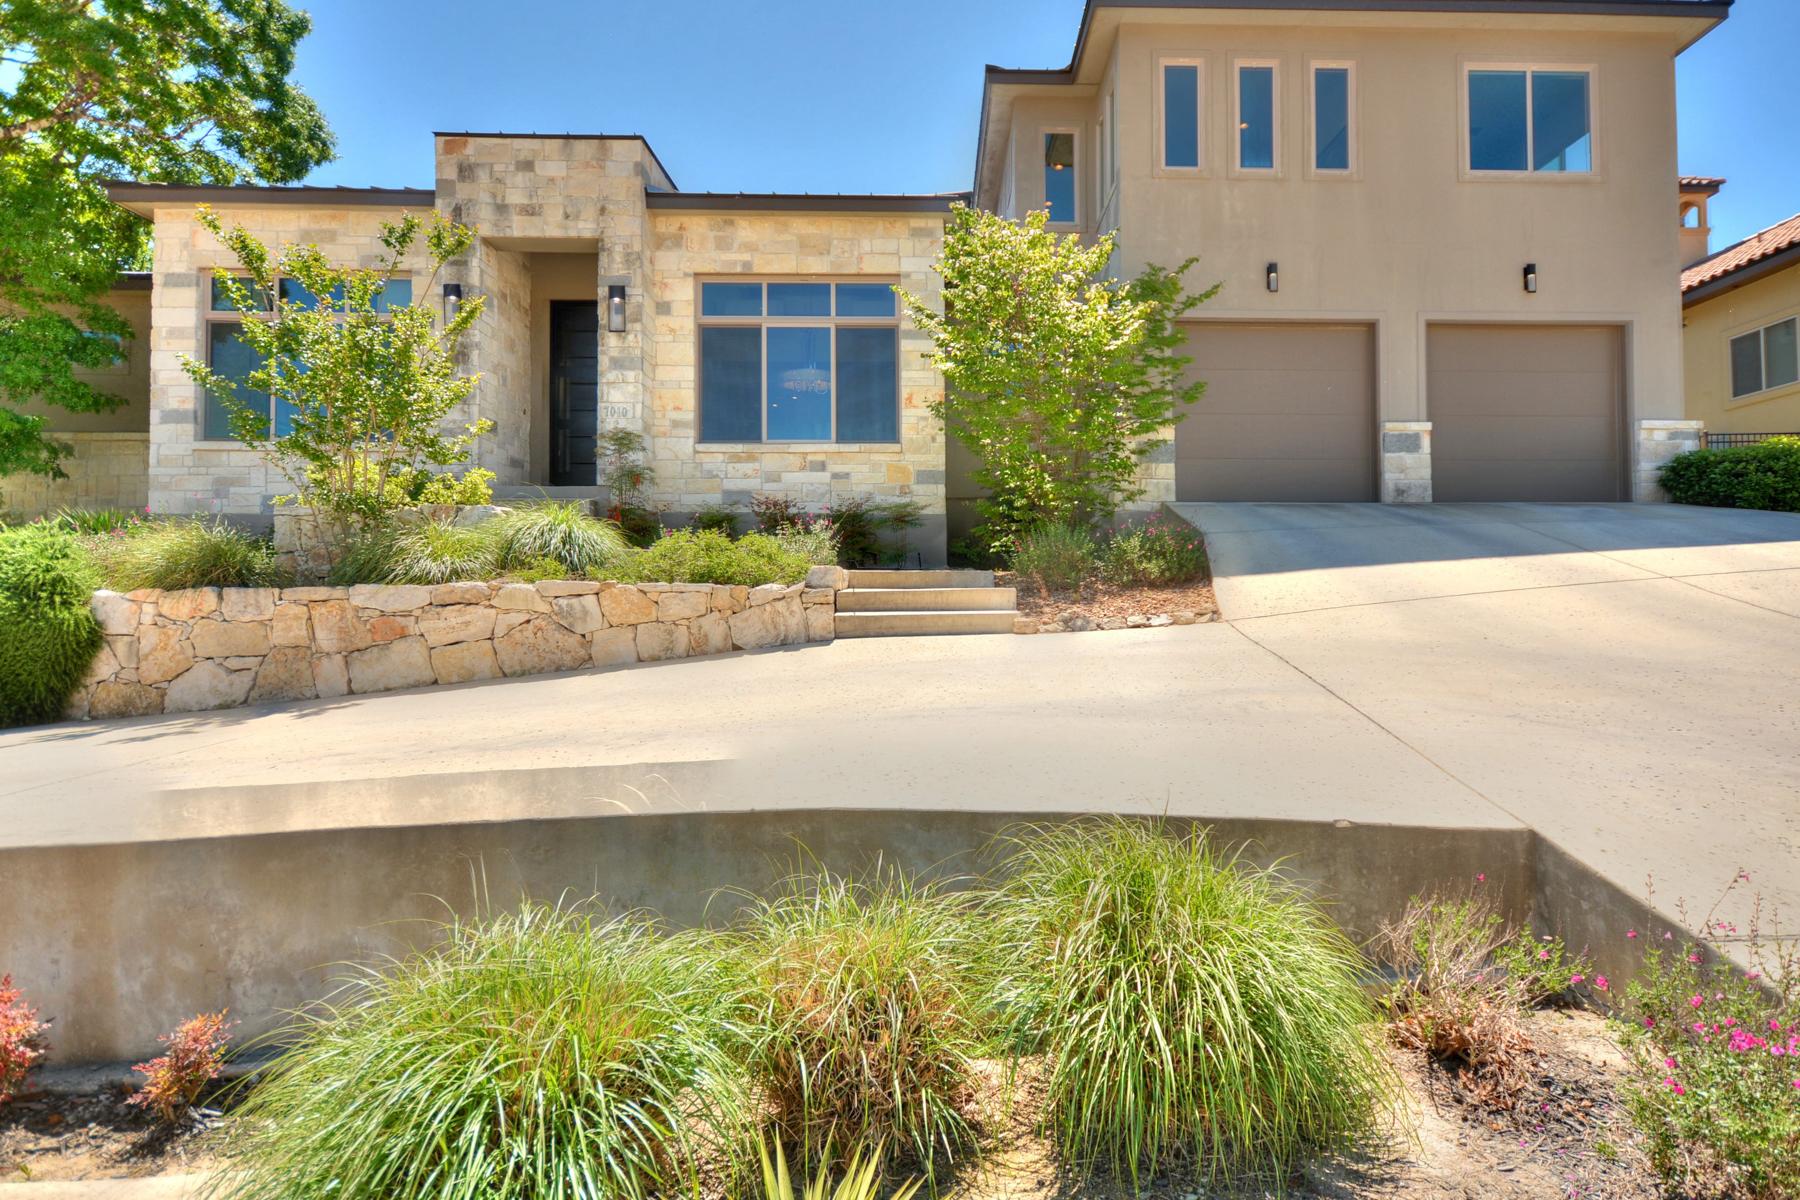 Maison unifamiliale pour l Vente à Stunning and Contemporary Home in Cresta Bella 7010 Cresta Bulivar San Antonio, Texas, 78256 États-Unis